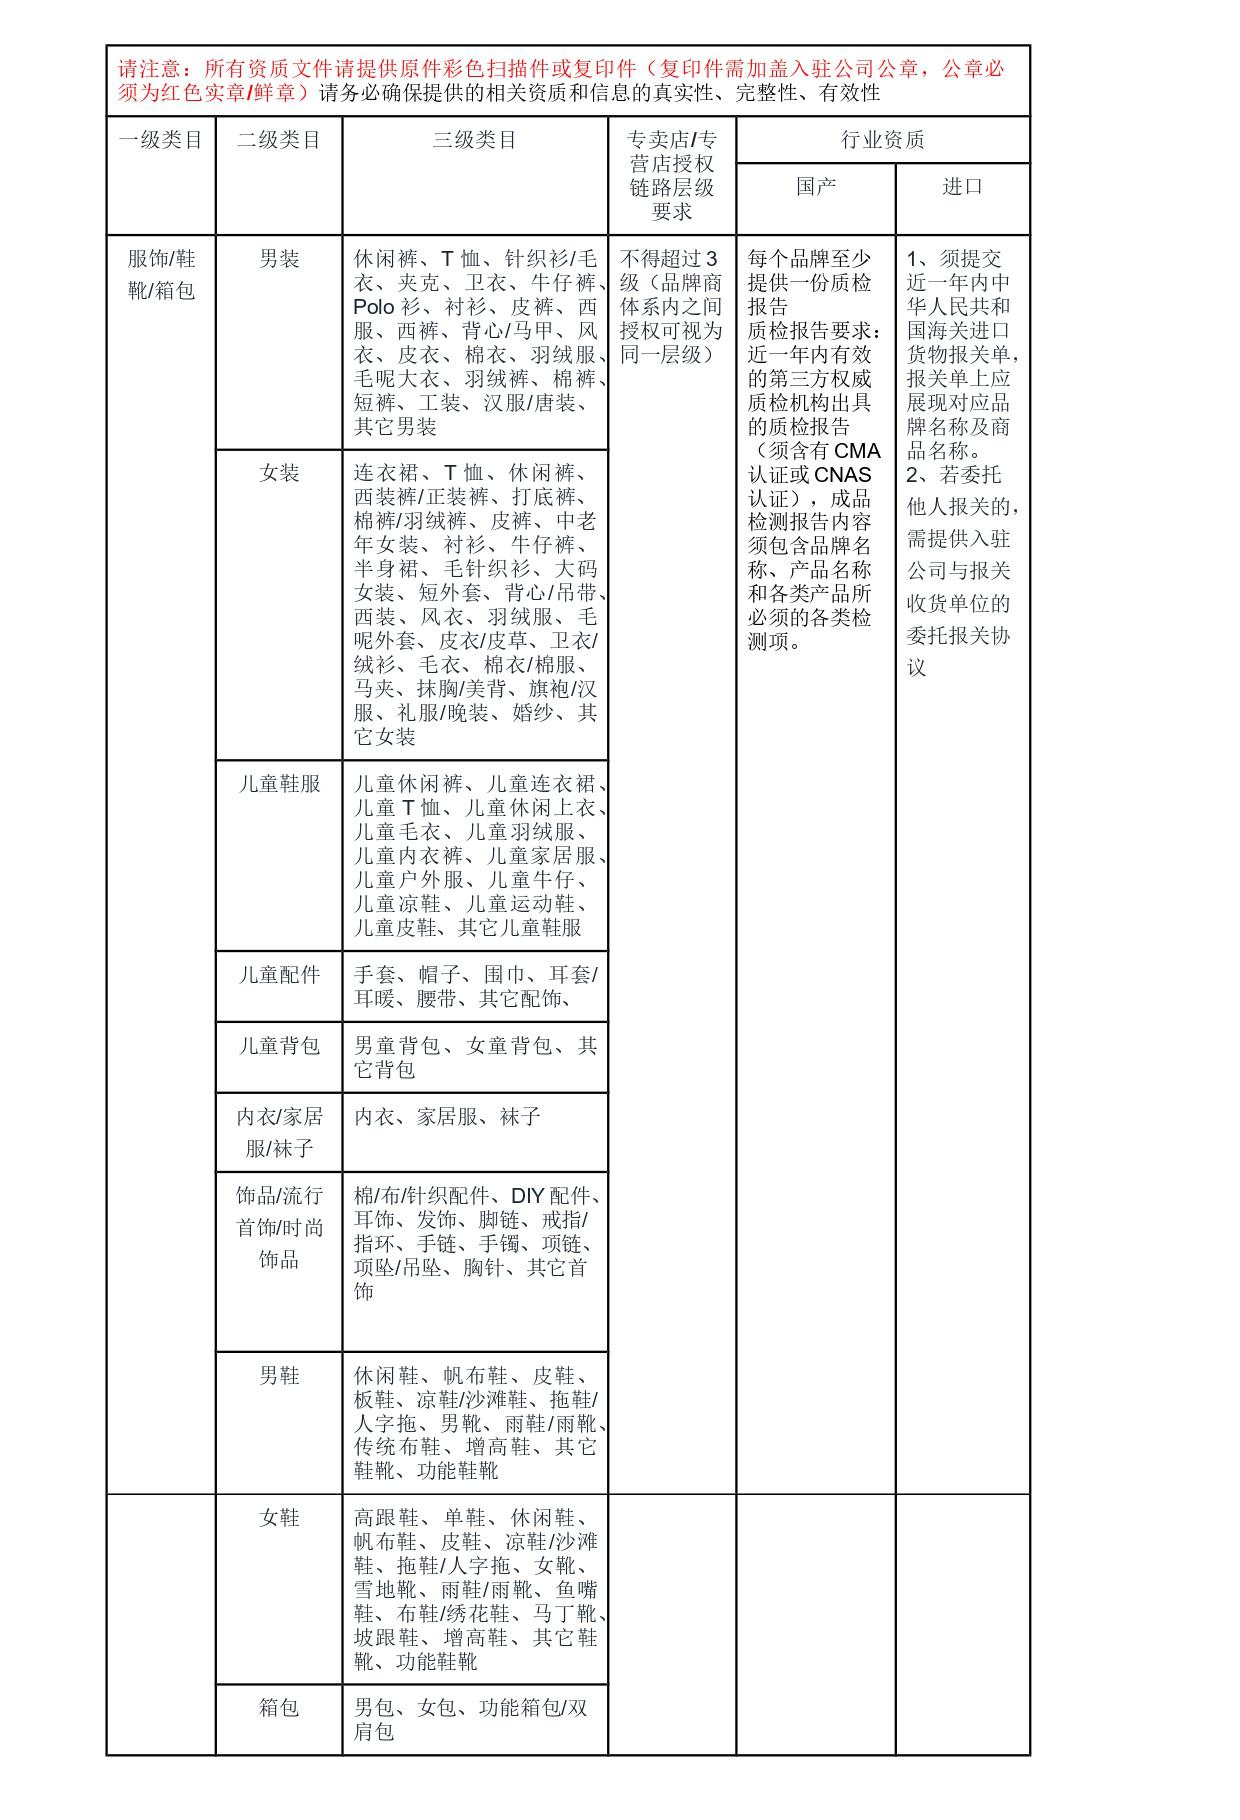 服饰_鞋靴_箱包资质要求_page-0001.jpg改.jpg